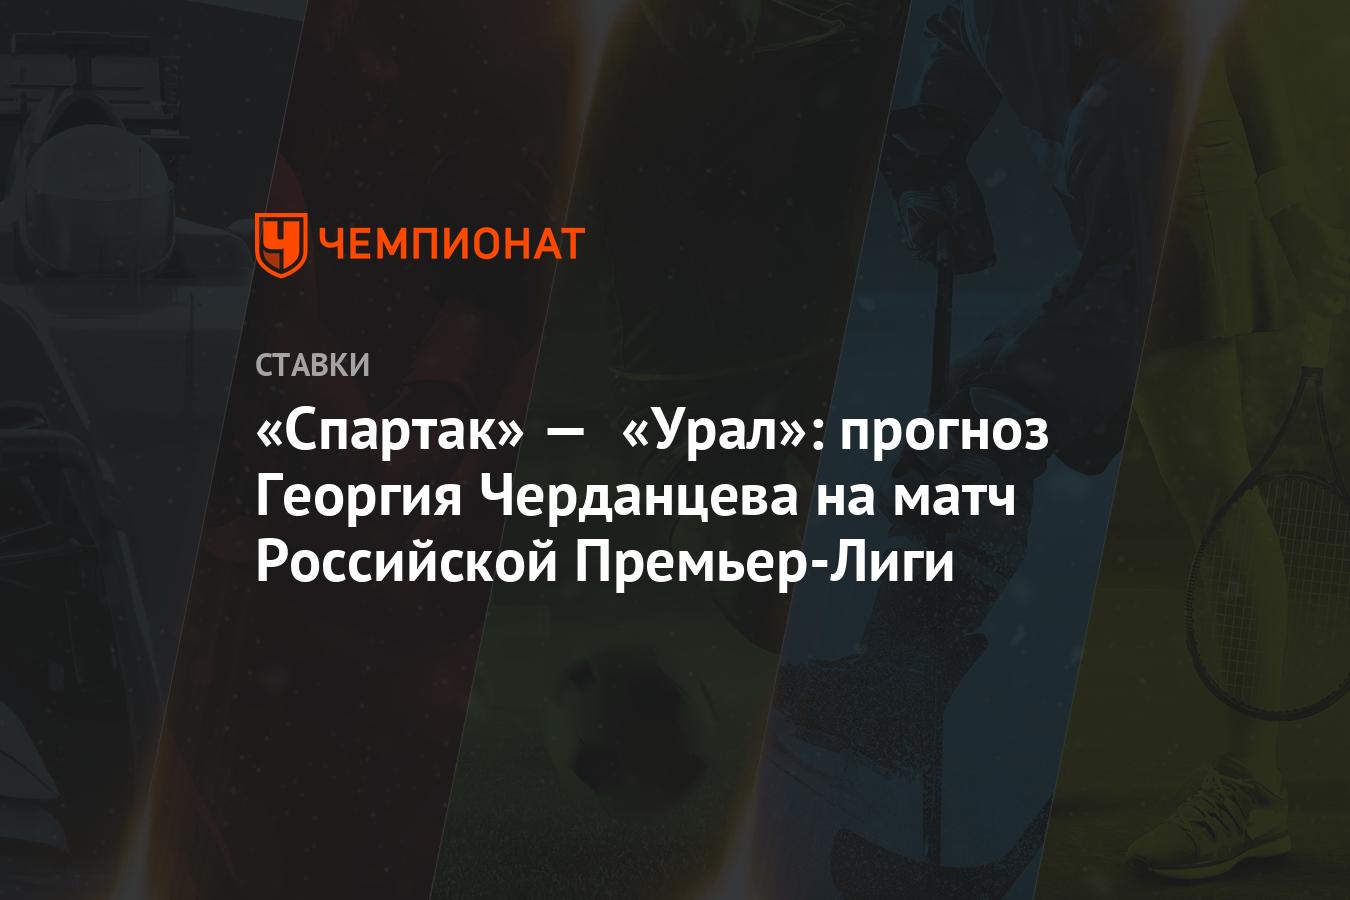 футбол.чемпионат россии.премьер-лига 17 прогнозы